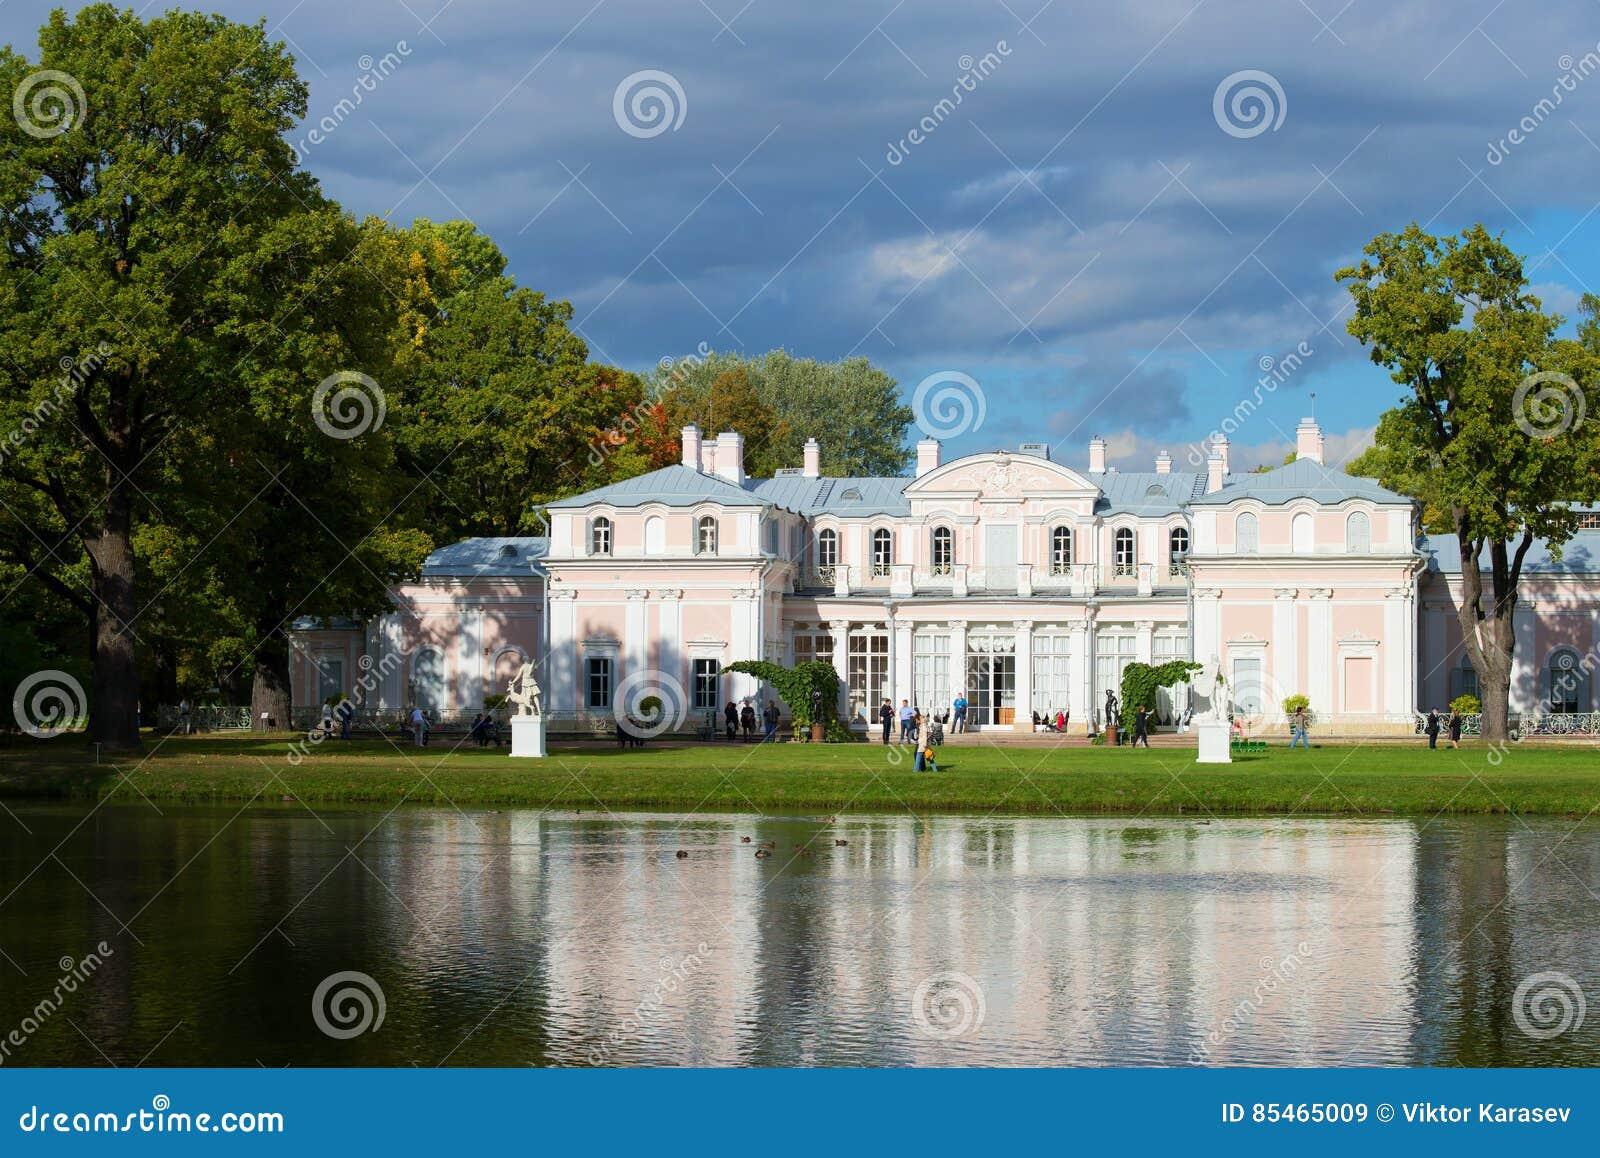 Ένα τοπίο νερού με το κινεζικό παλάτι Σεπτέμβριος στο πάρκο παλατιών Oranienbaum Ρωσία